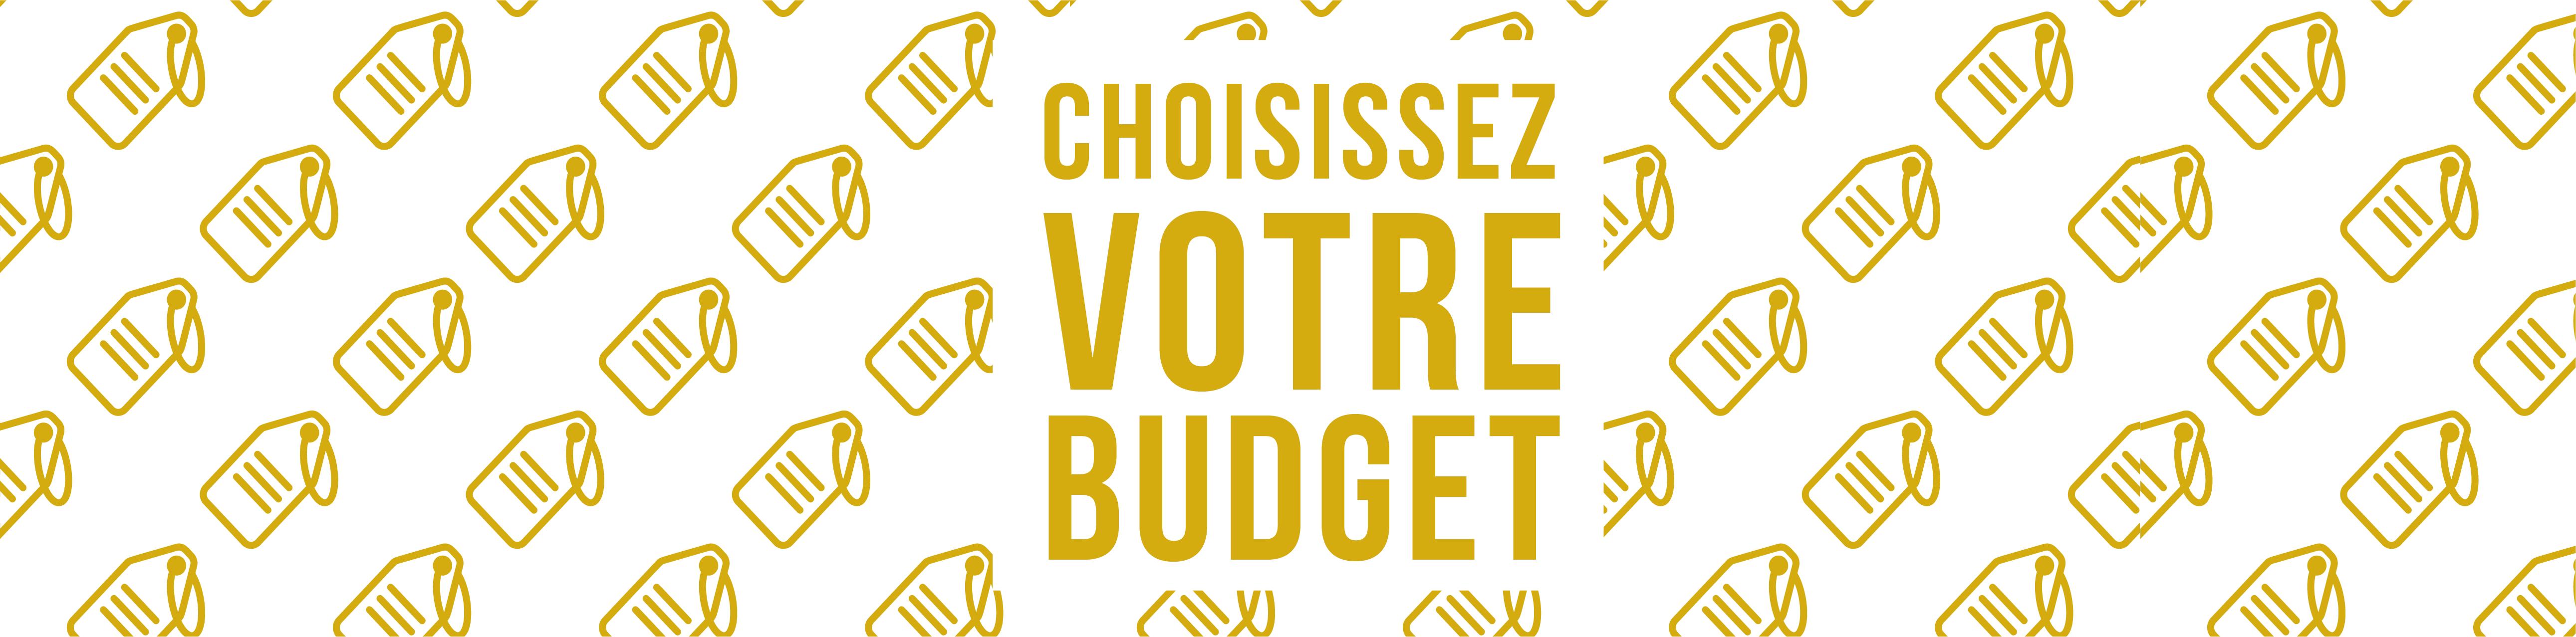 Choisissez un coffret vin selon le budget